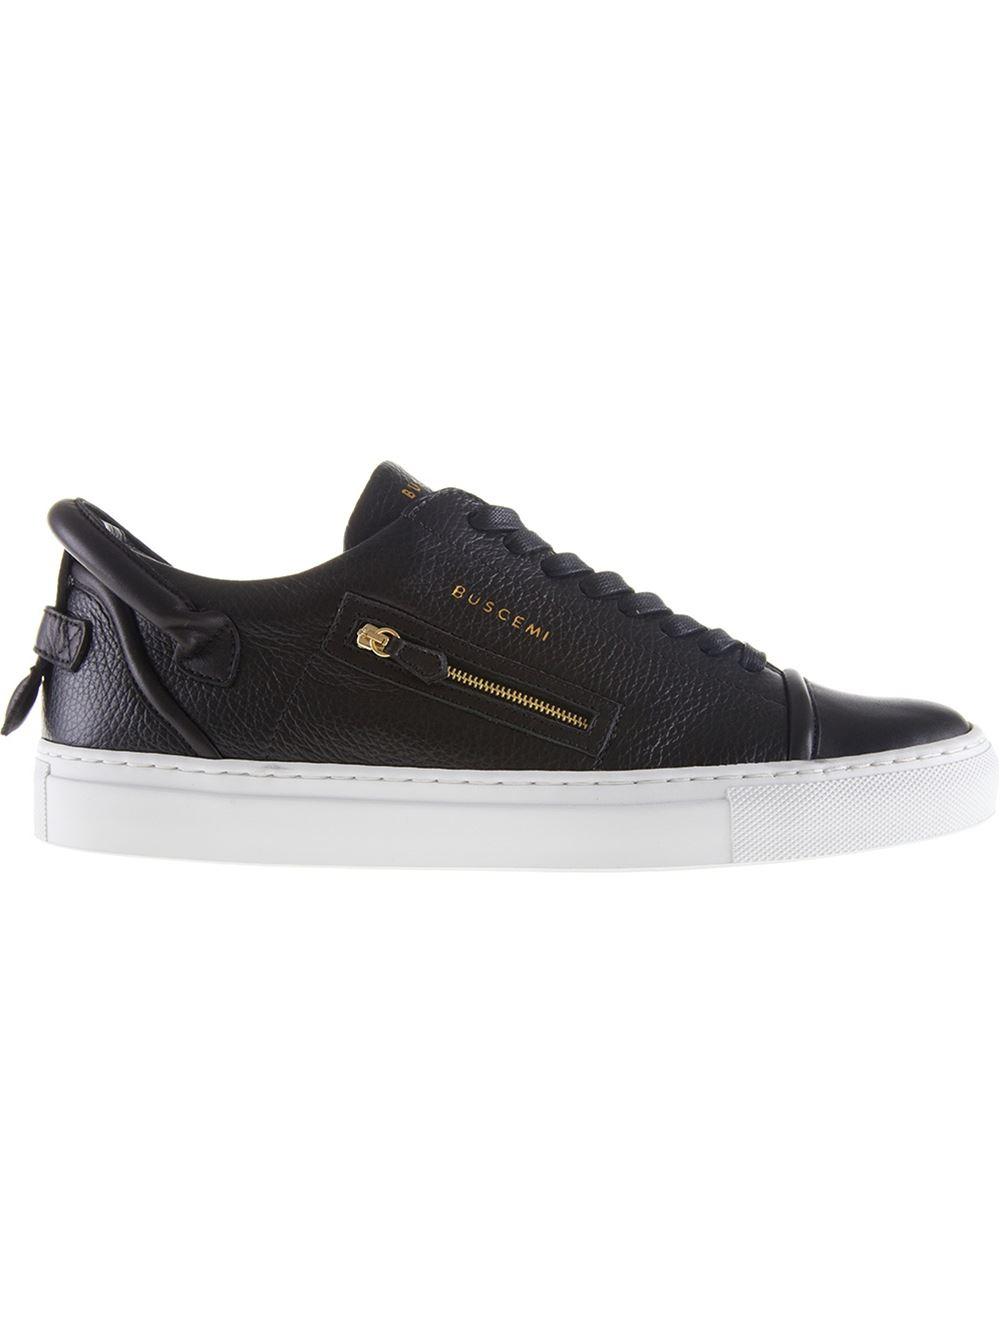 Cheap Buscemi Shoes